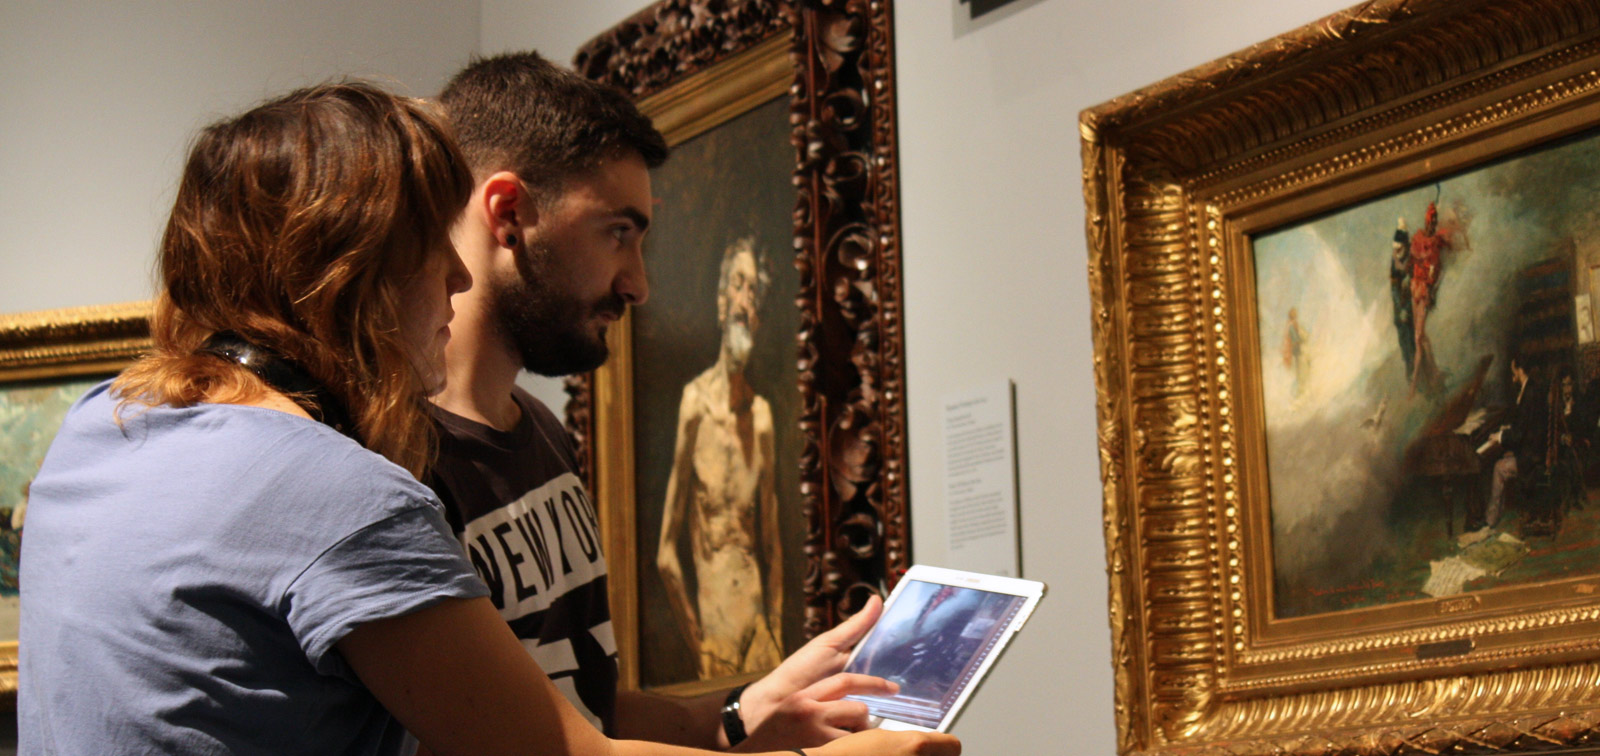 Beca 2021 Beca Fundación María Cristina Masaveu Peterson - Museo del Prado. Nuevas tecnologías aplicadas a la educación